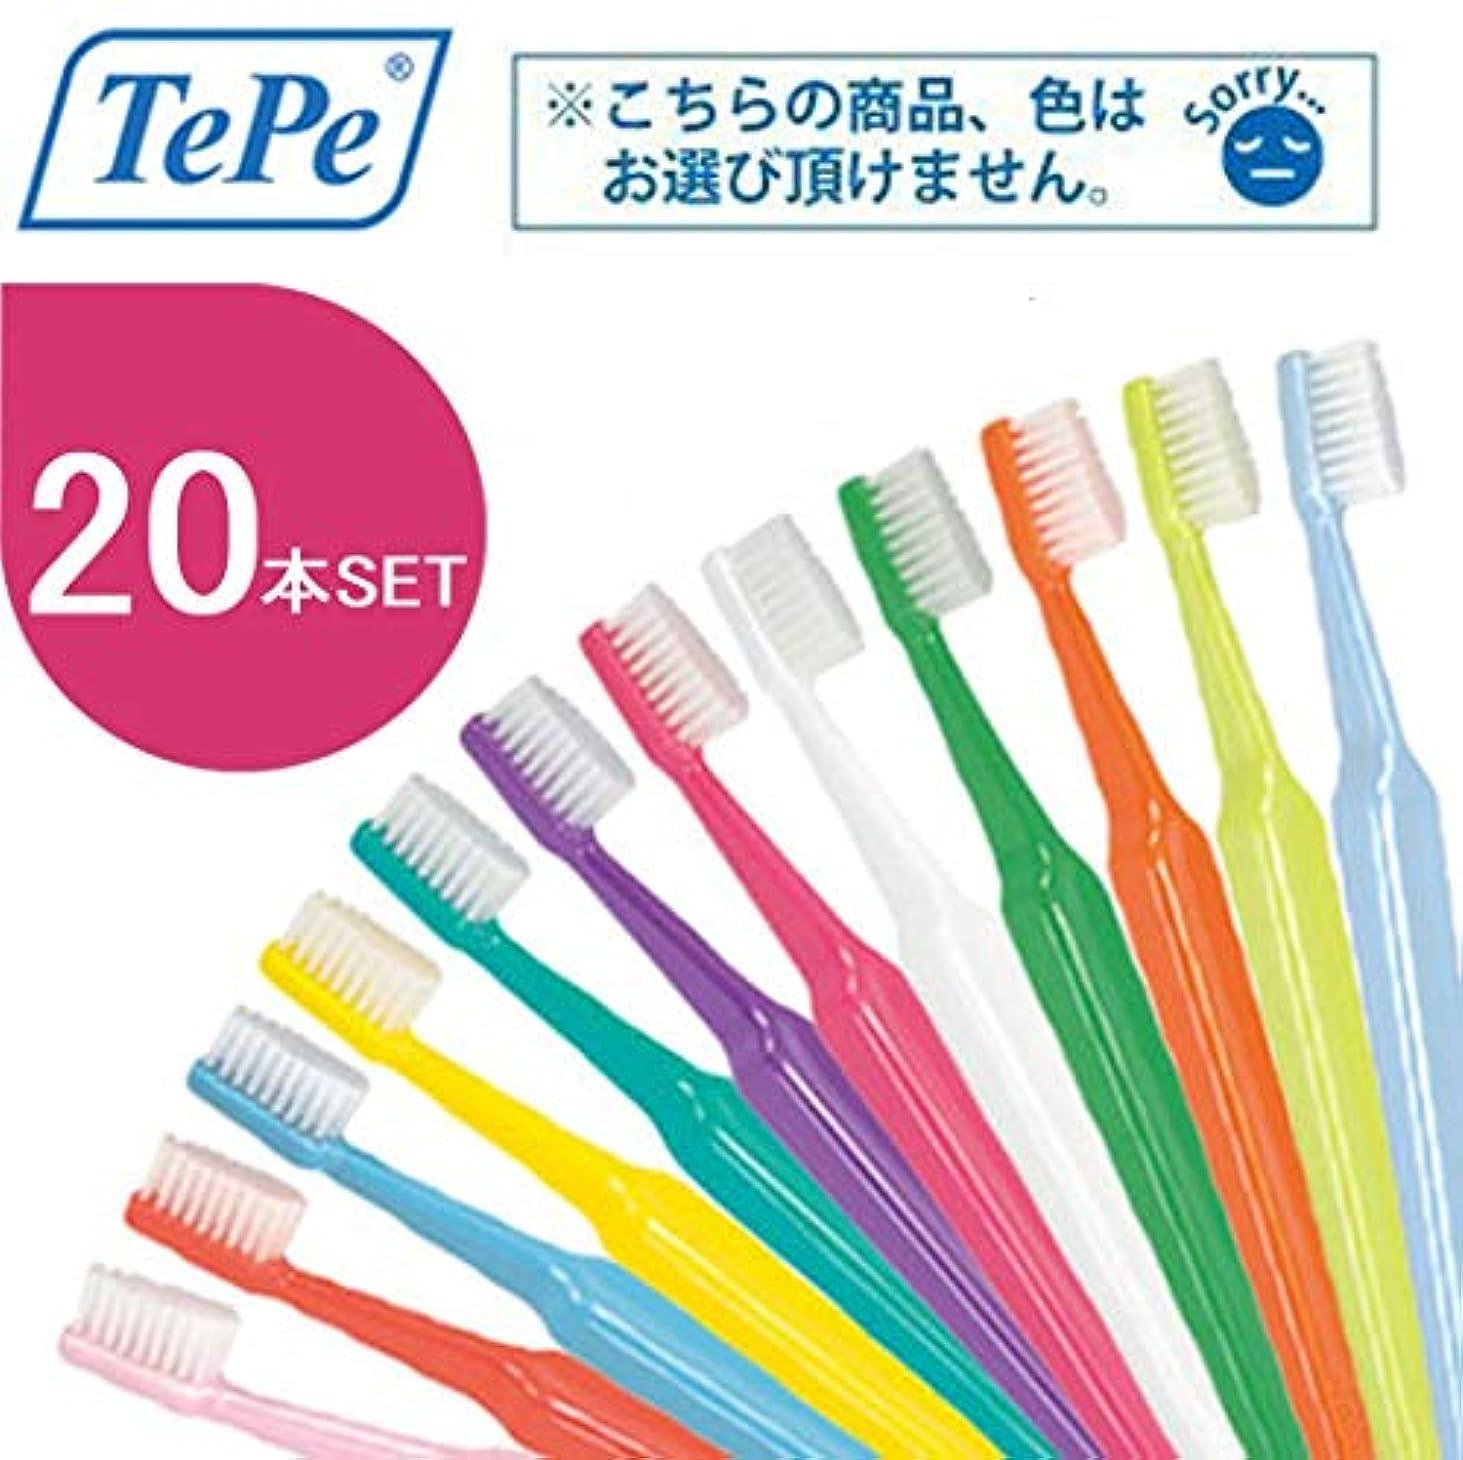 説明攻撃筋クロスフィールド TePe テペ セレクト 歯ブラシ 20本 (ソフト)